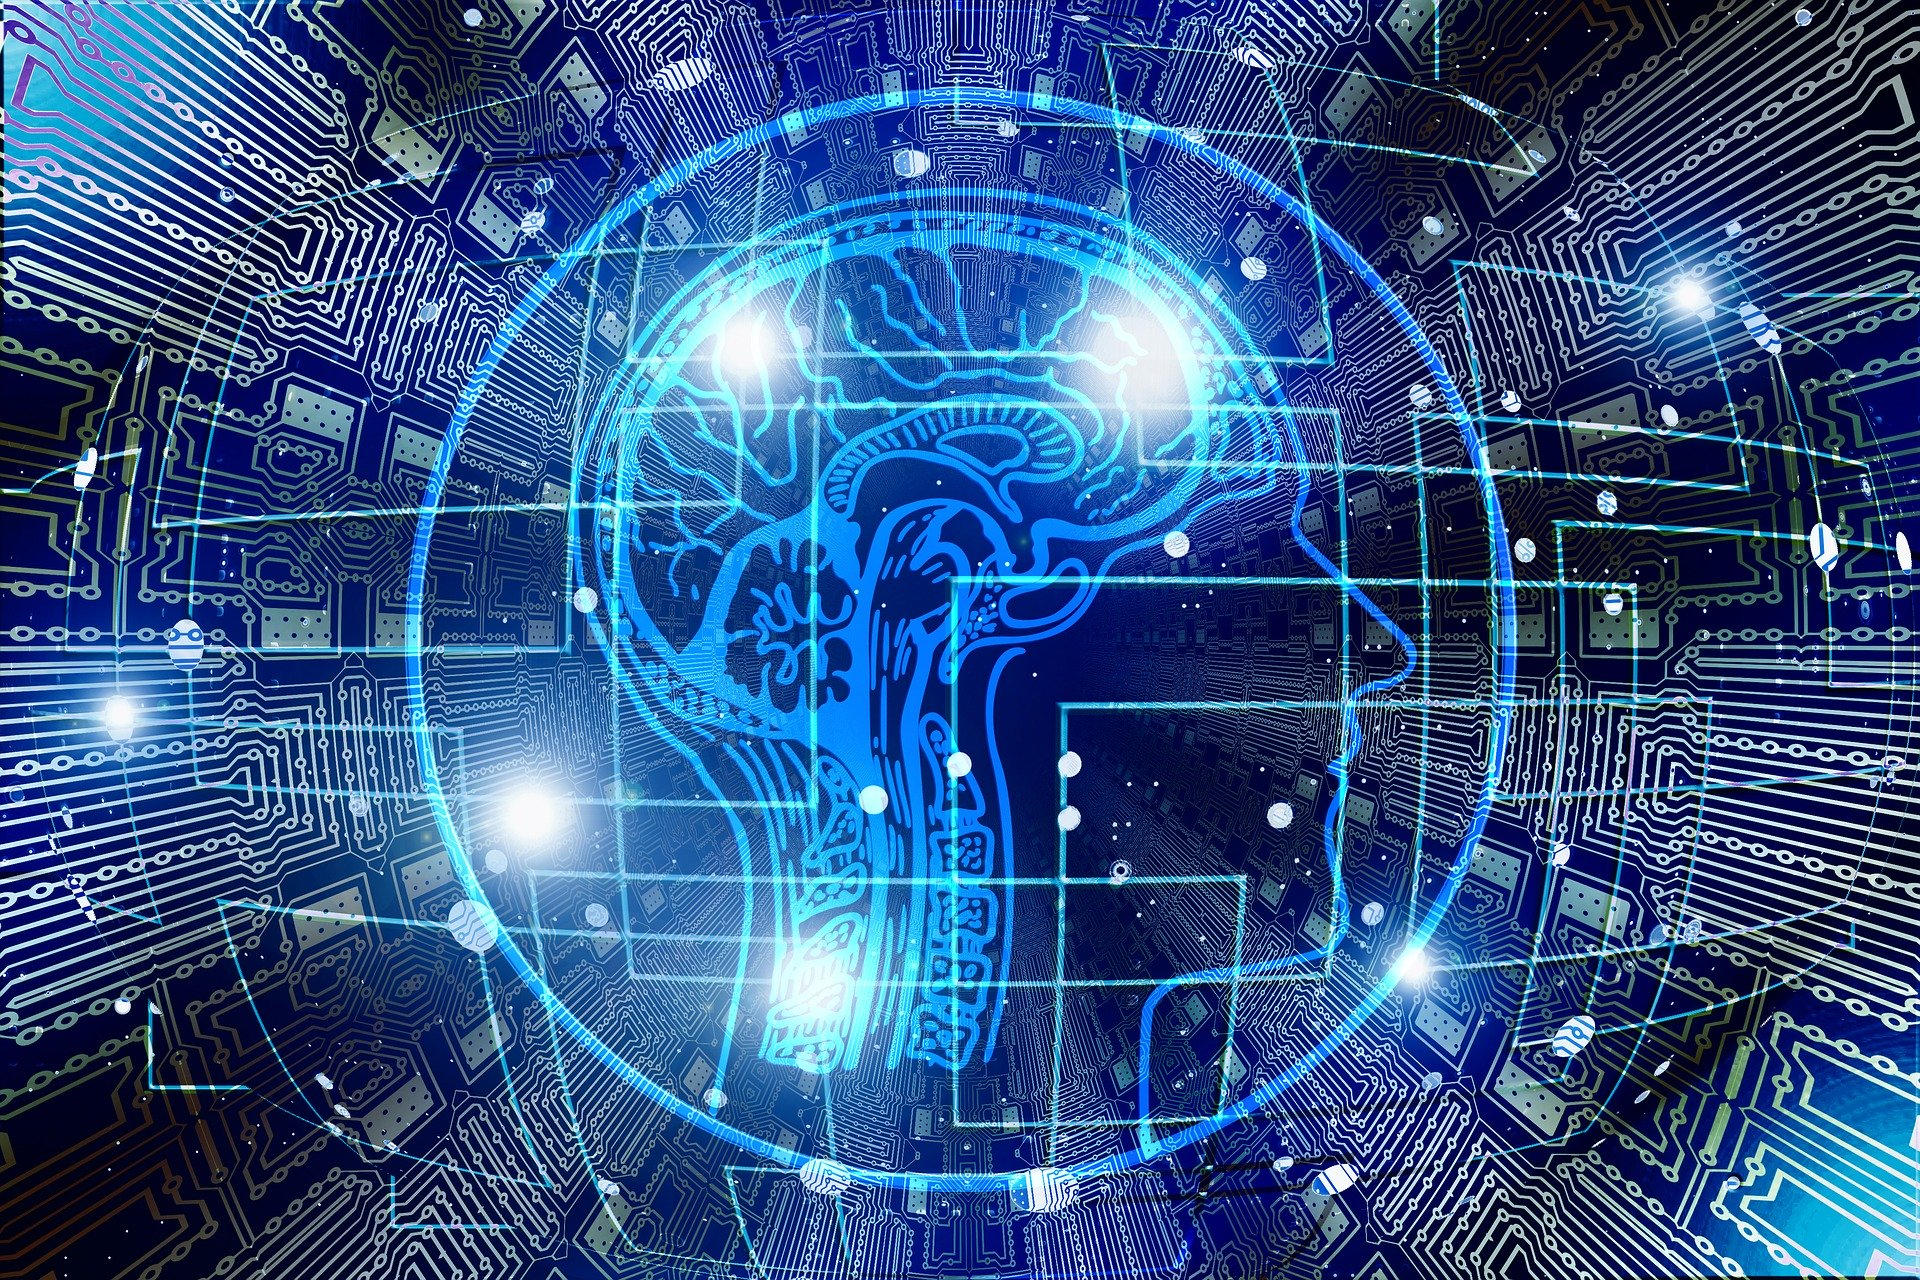 Elon Musk: Senzori u ljudskom mozgu za manje od godinu dana?